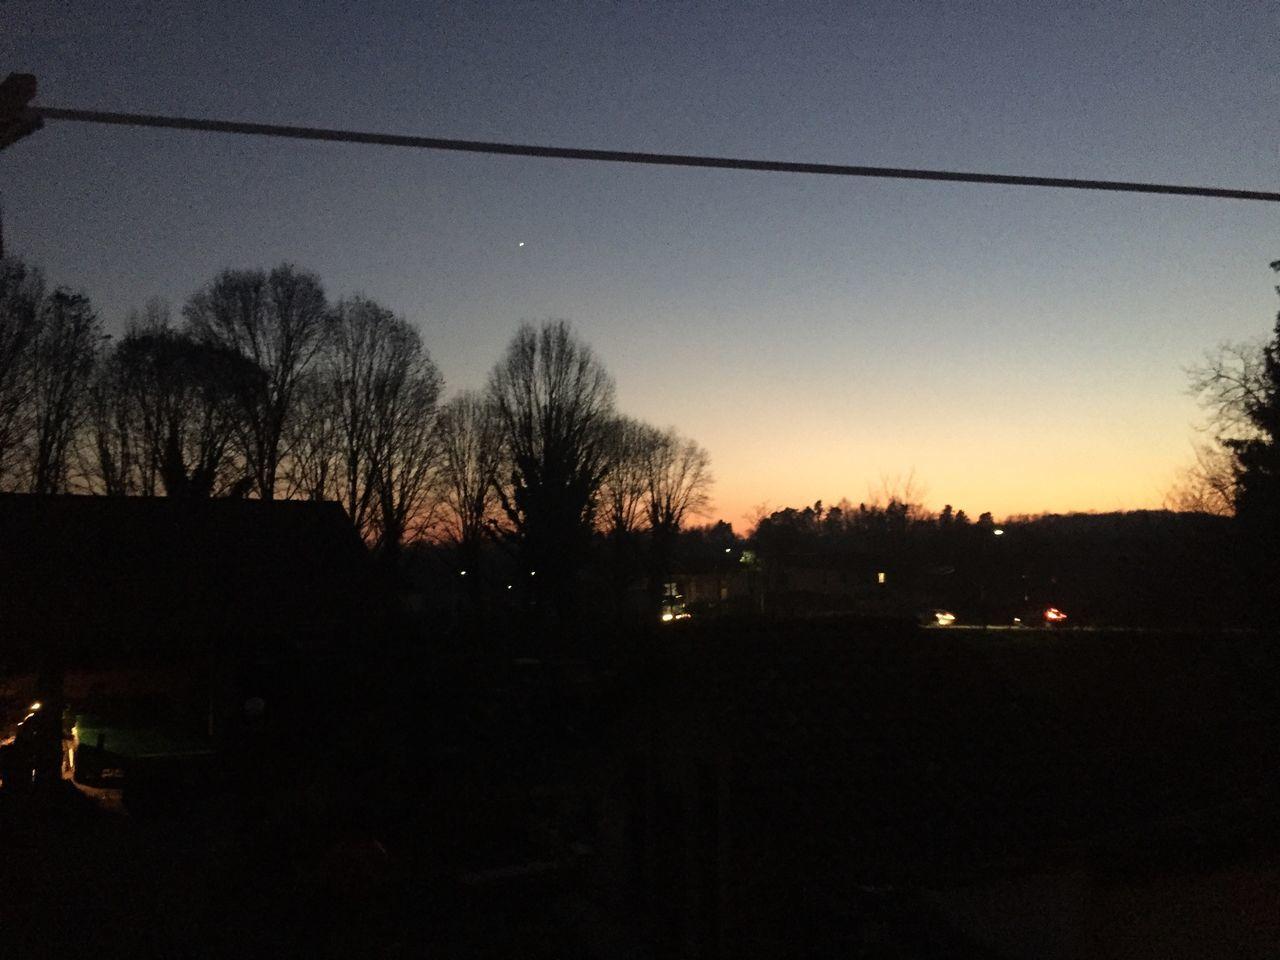 La bellezza della natura Sunset Silhouette Tree Sky Nature Dark Beauty In Nature